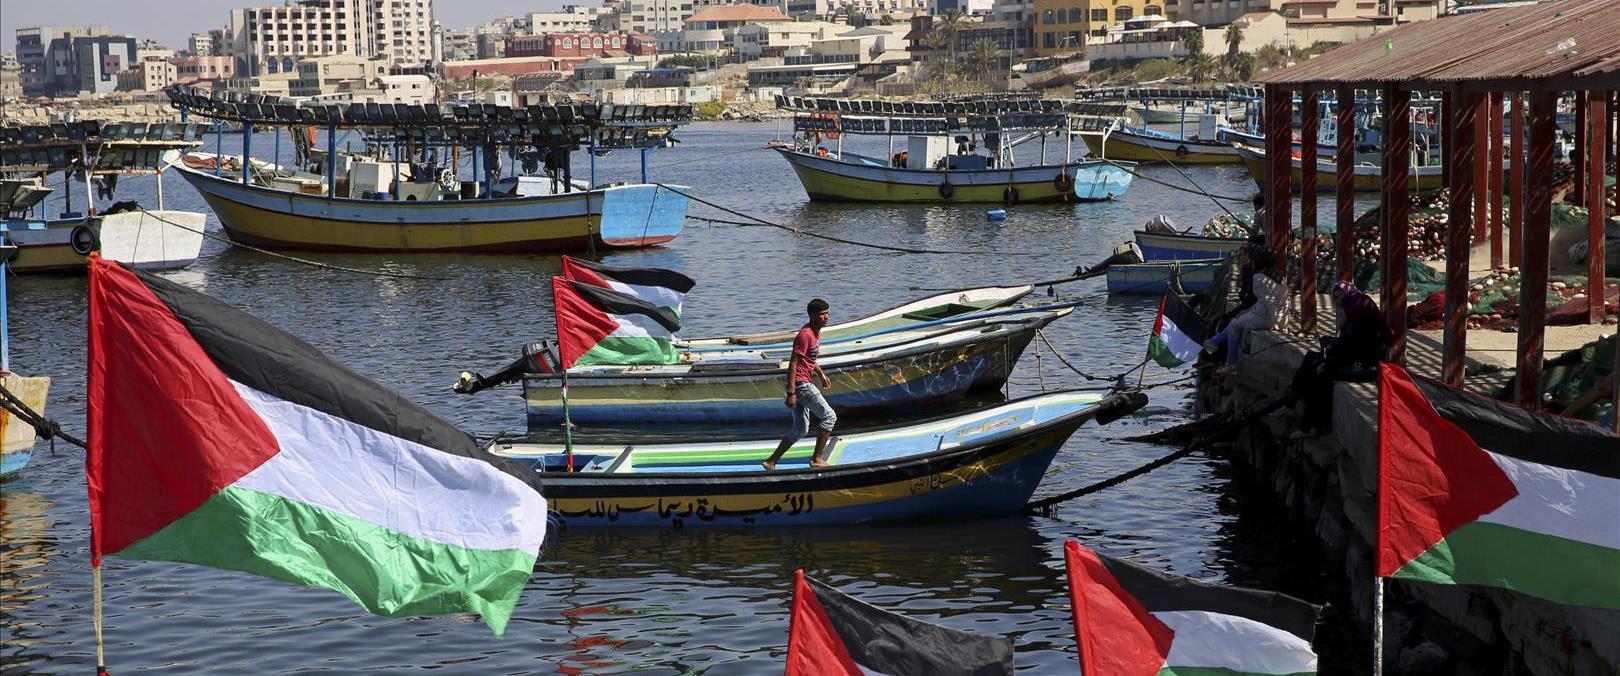 סירות דיג ברצועת עזה